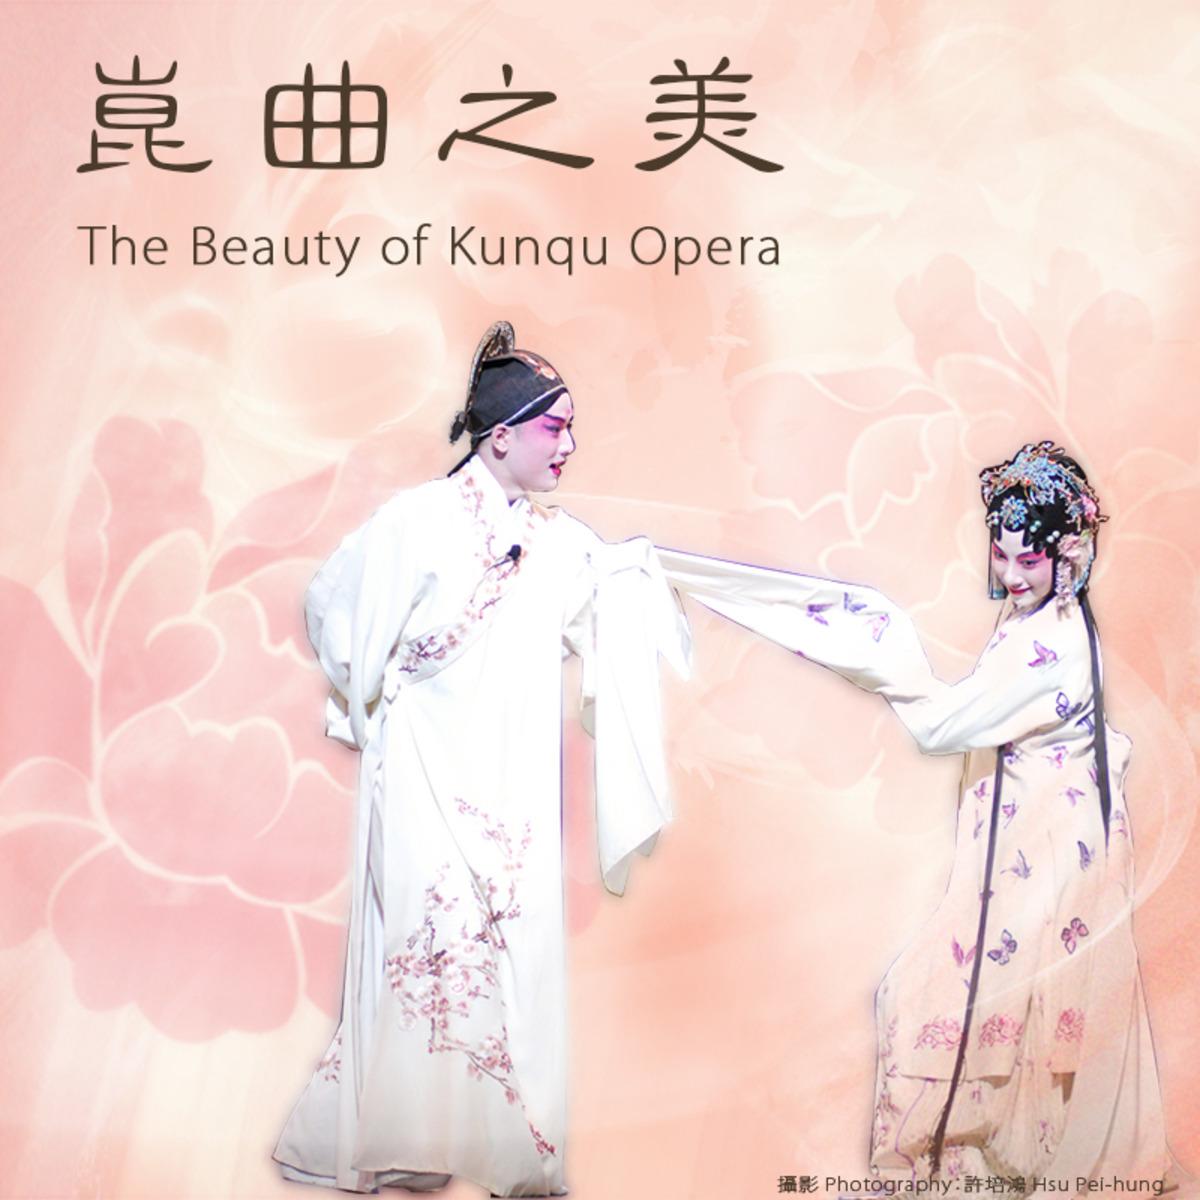 The Beauty of Kunqu Opera course image